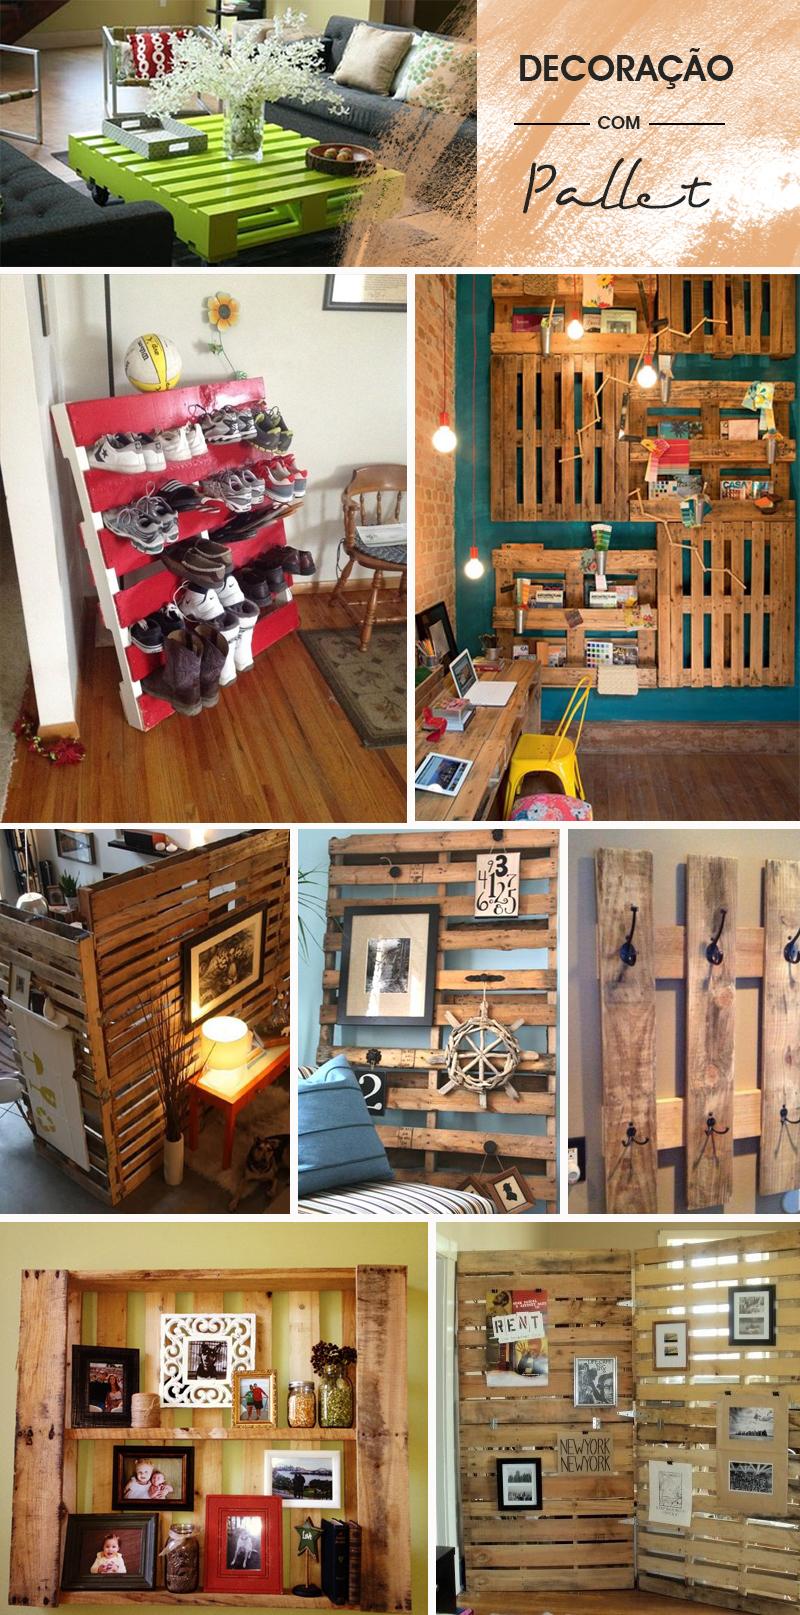 Decoração usando pallet diversas ideias para você se inspirar e decorar a casa